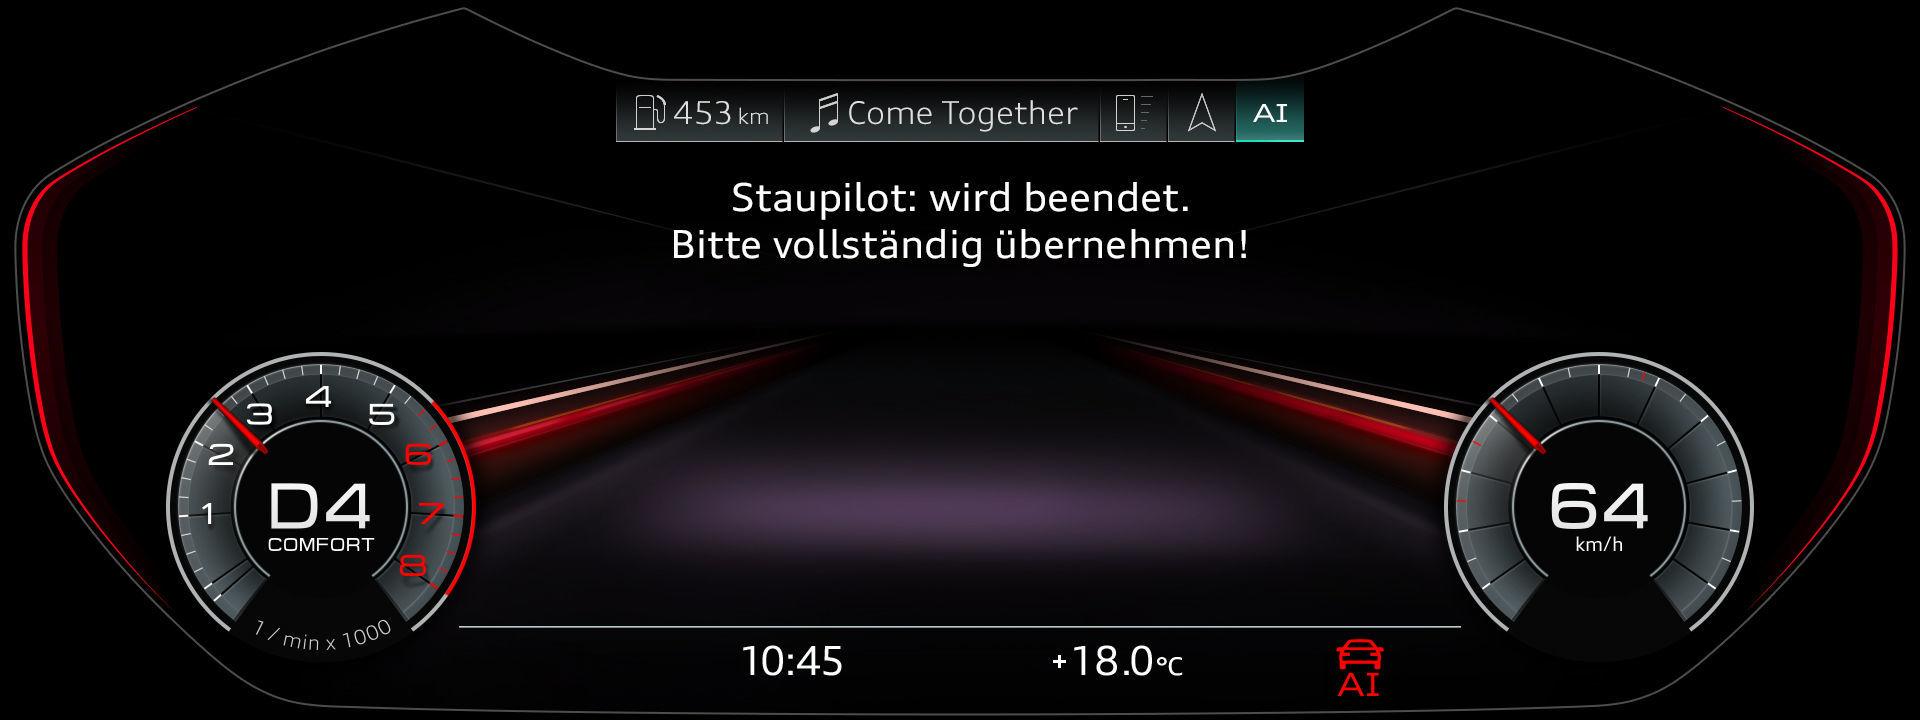 Der Staupilot im neuen Audi A8